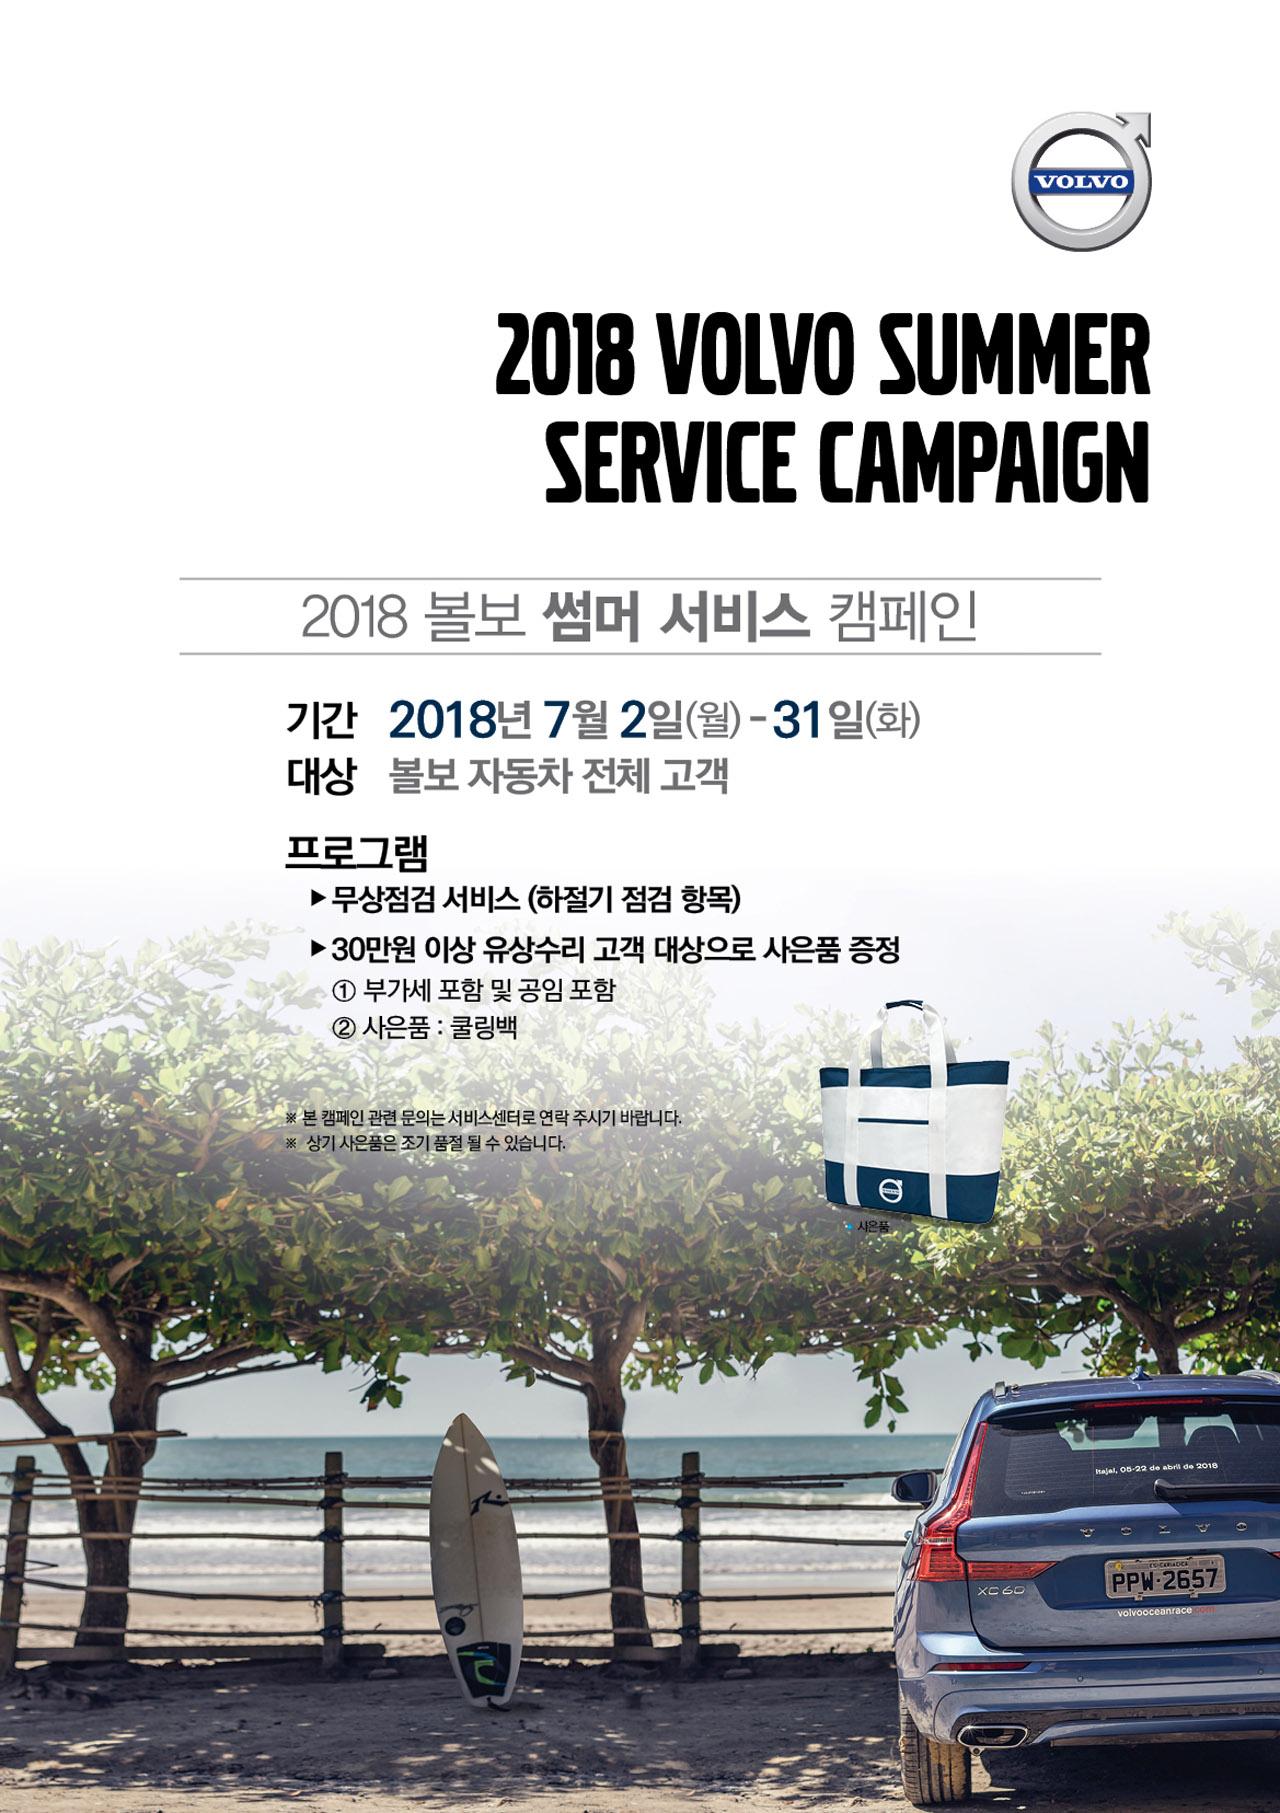 사진자료_볼보자동차코리아 2018 썸머 서비스 캠페인